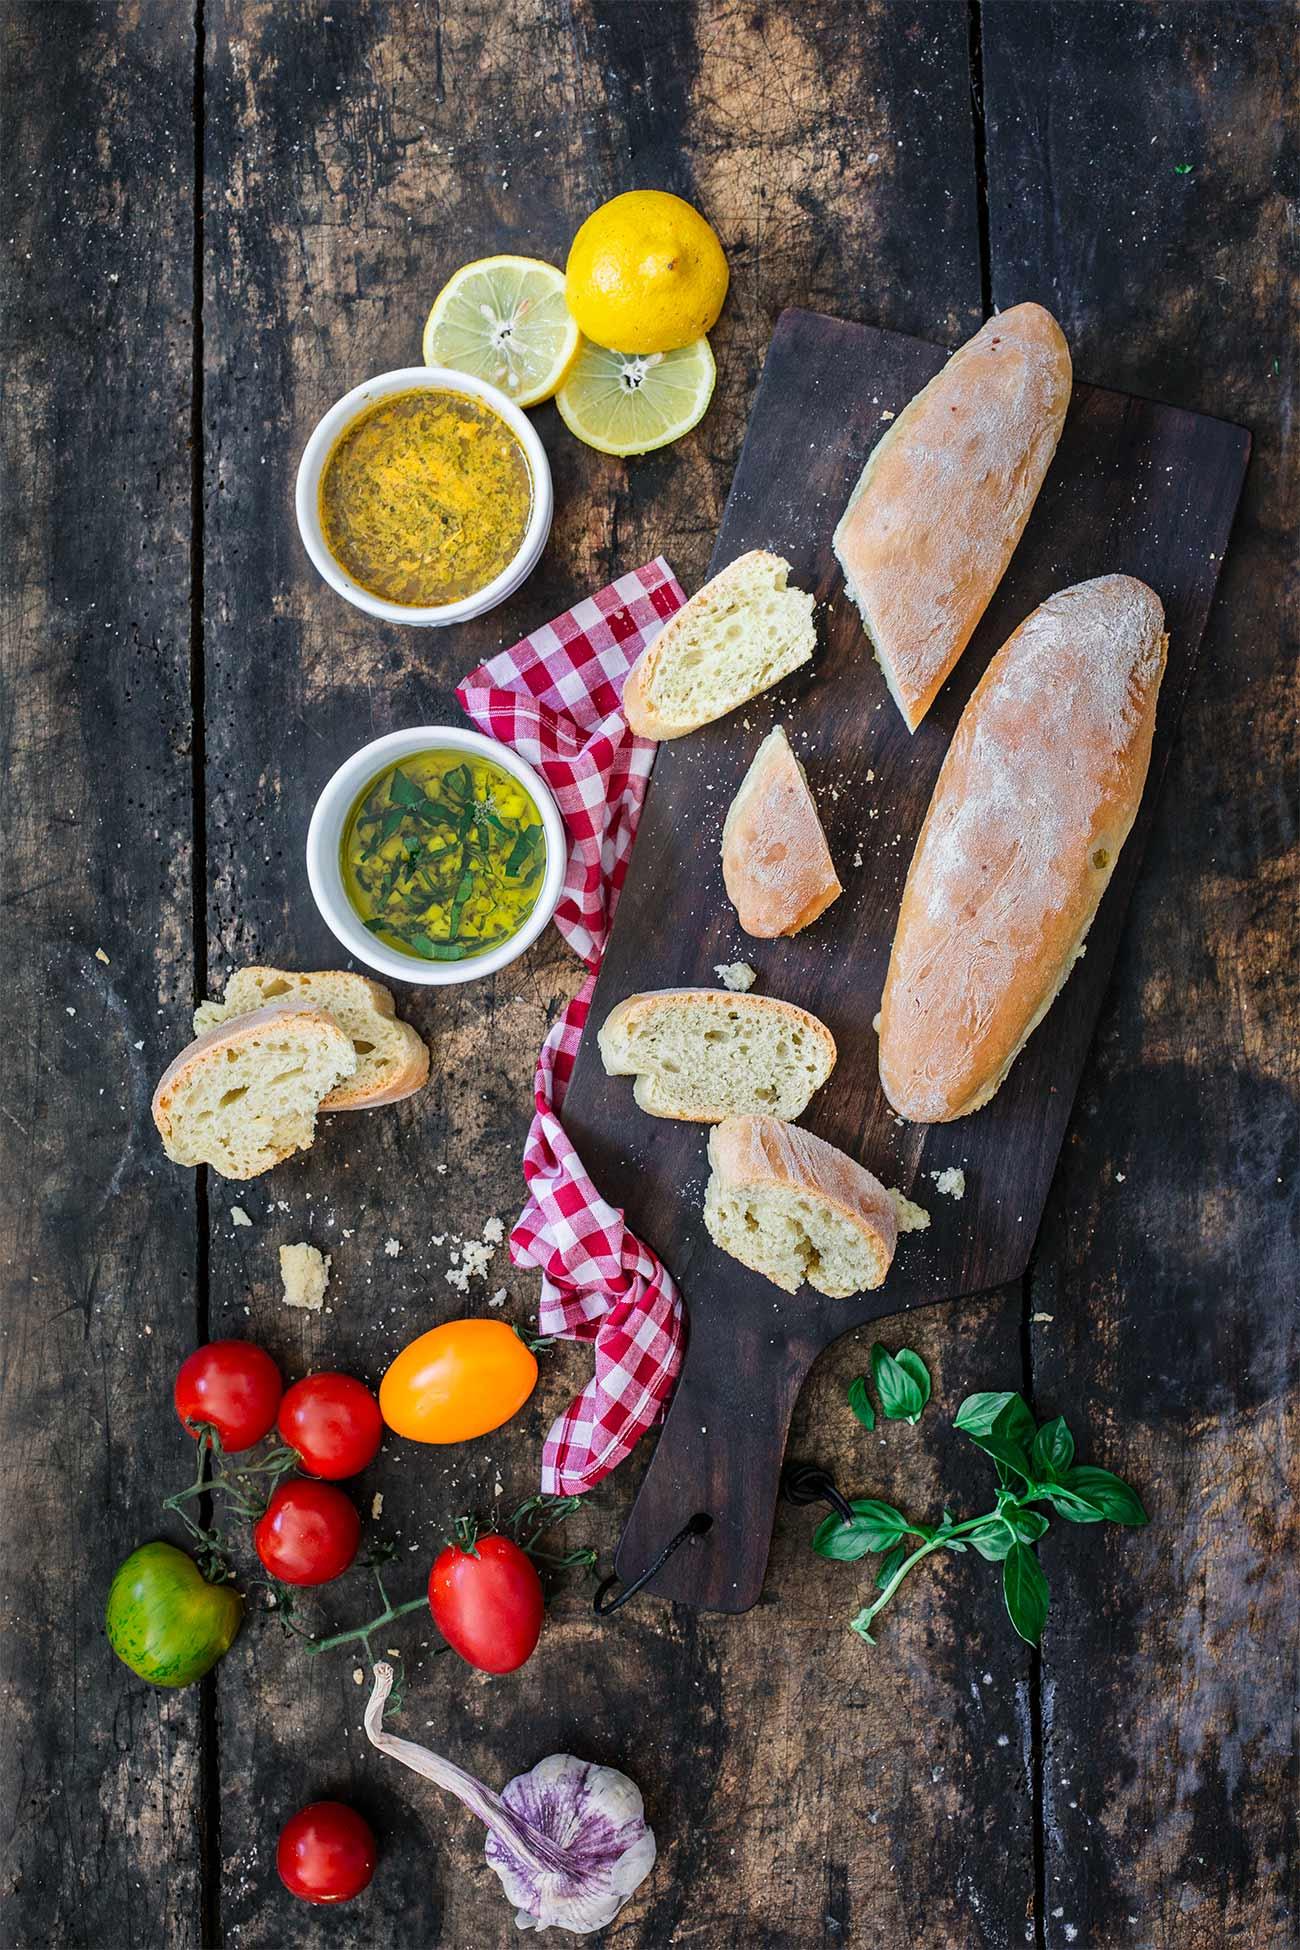 Mein Italien-Moment Ein frisches, krosses Brot getunkt in Olivenöl-Dips und dazu eine große Portion Pasta. Mehr braucht es nicht um für einen Moment Genuss-Glücklich zu sein. Kennt Ihr oder? Auf dem Blog erwarten Euch heute schnell gemachte Olivenöl-Brote, frische Dips und einen italienischen Pasta-Klassiker.